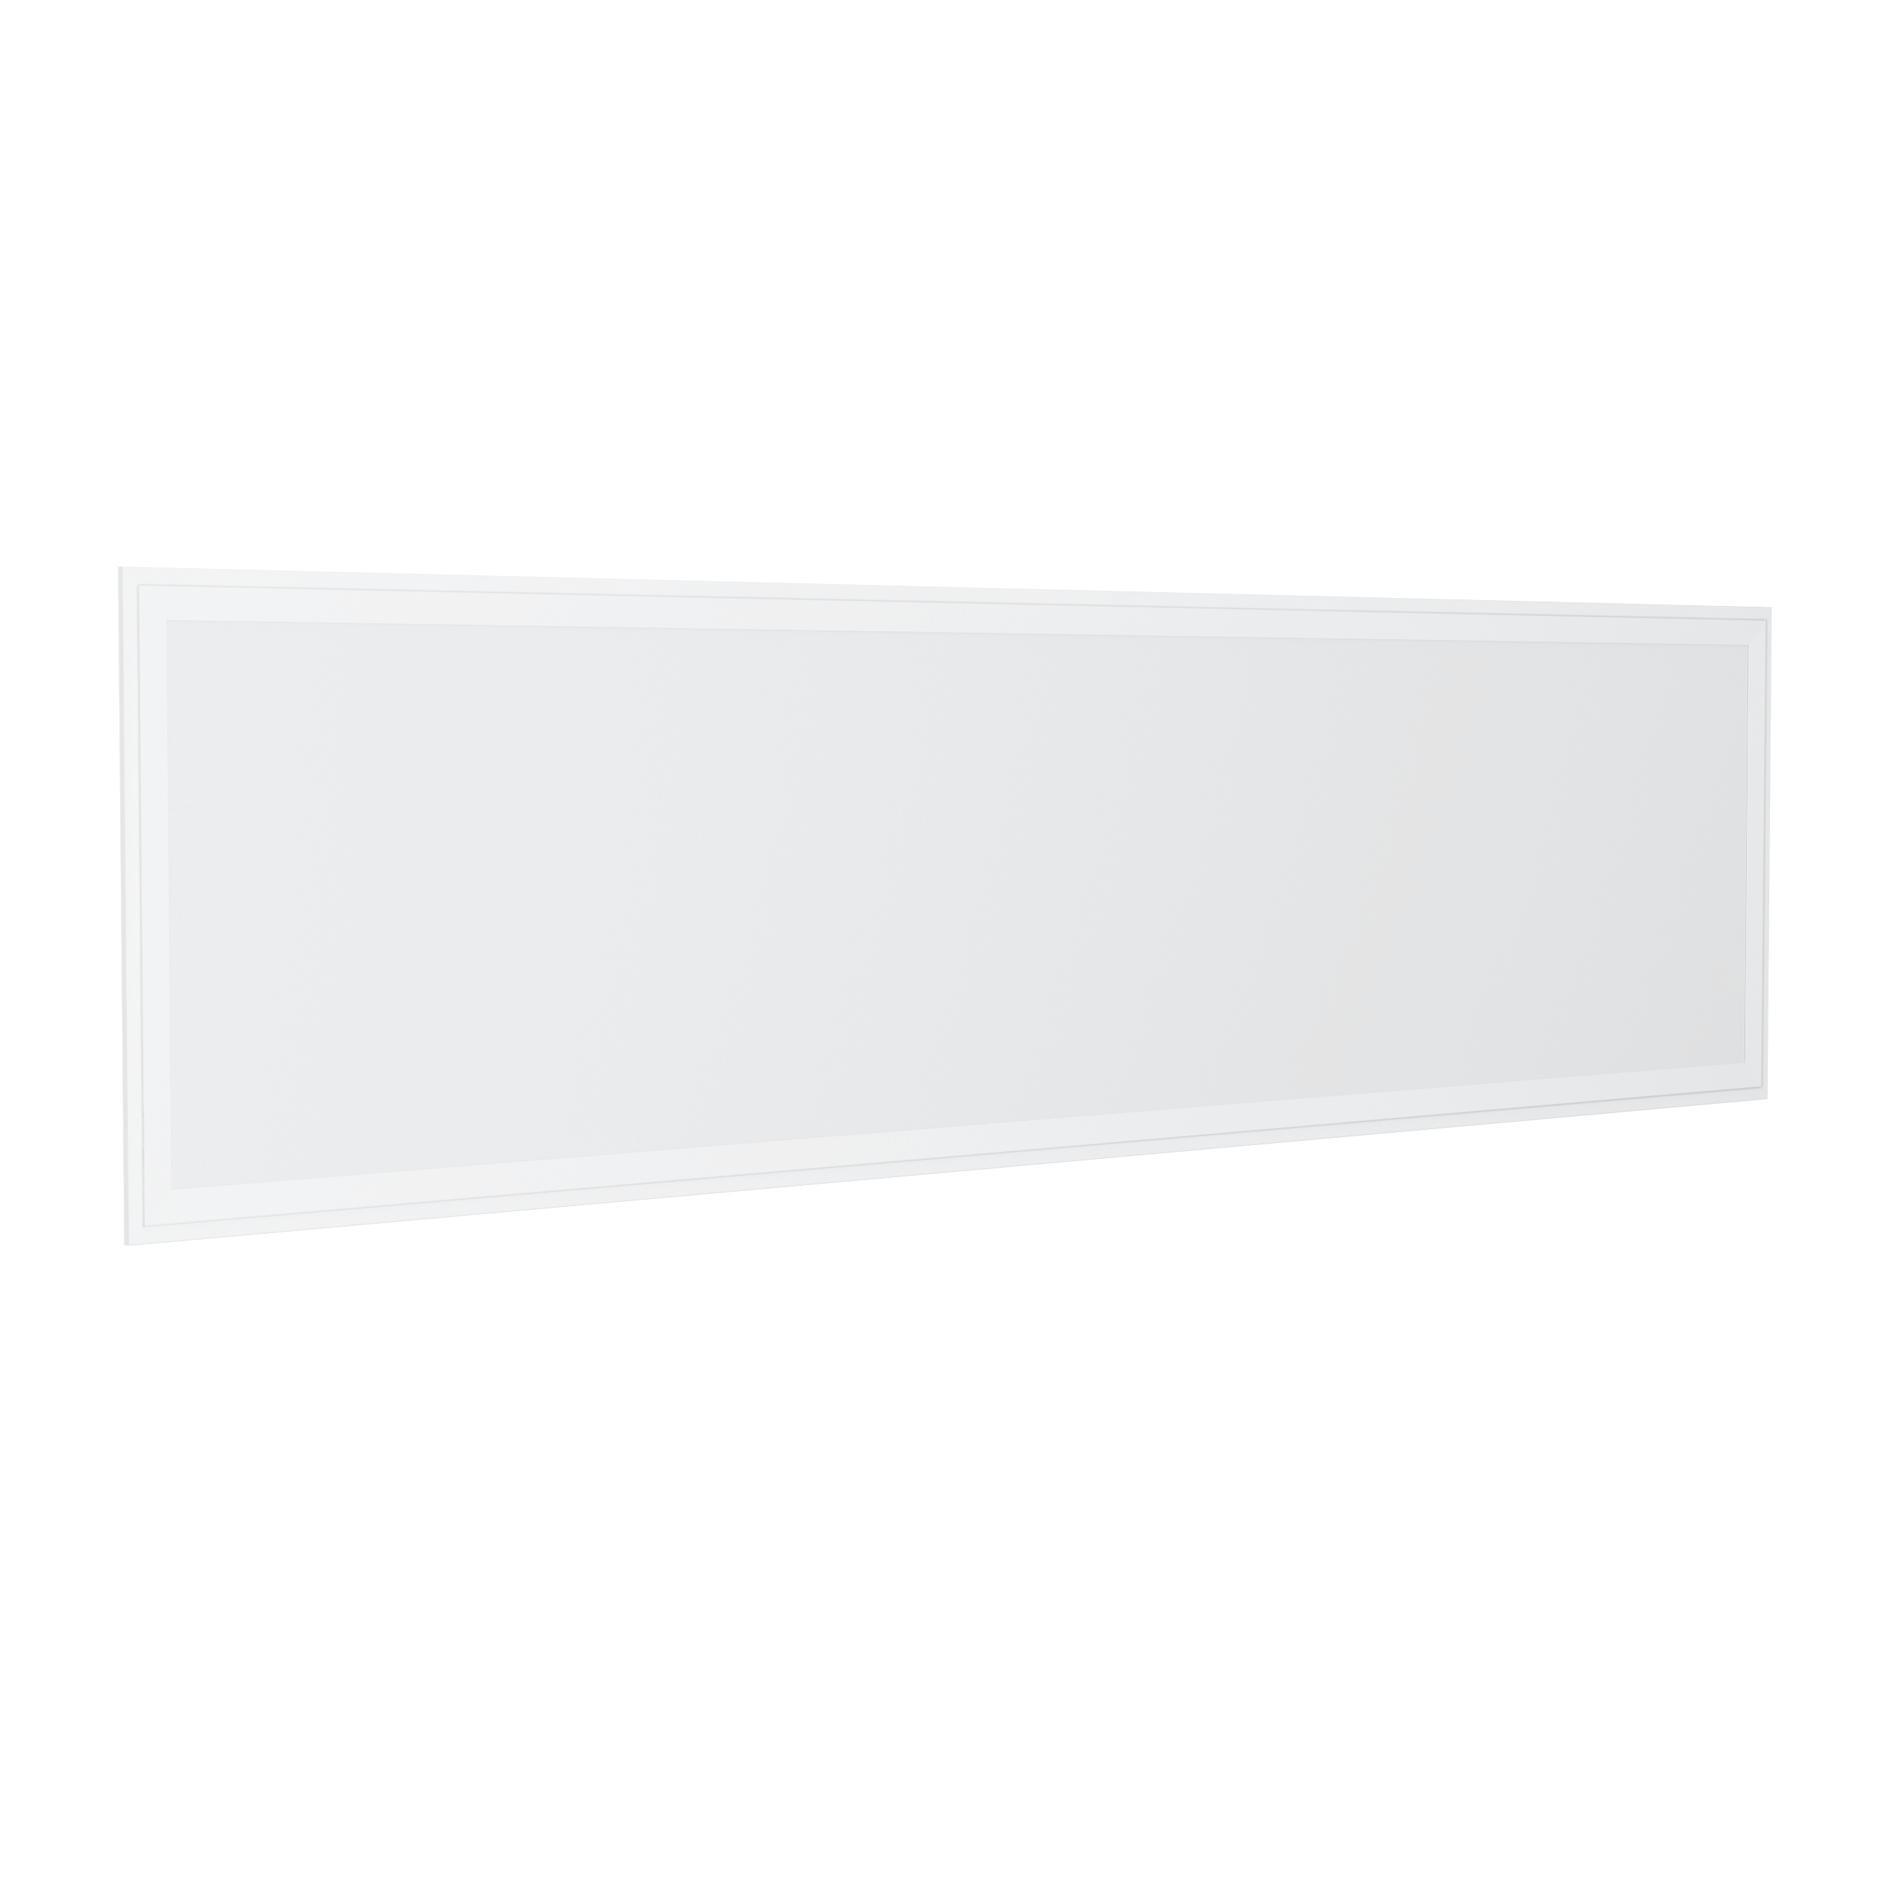 Pannello led PP 30x120 cm bianco naturale, 4600LM - 2